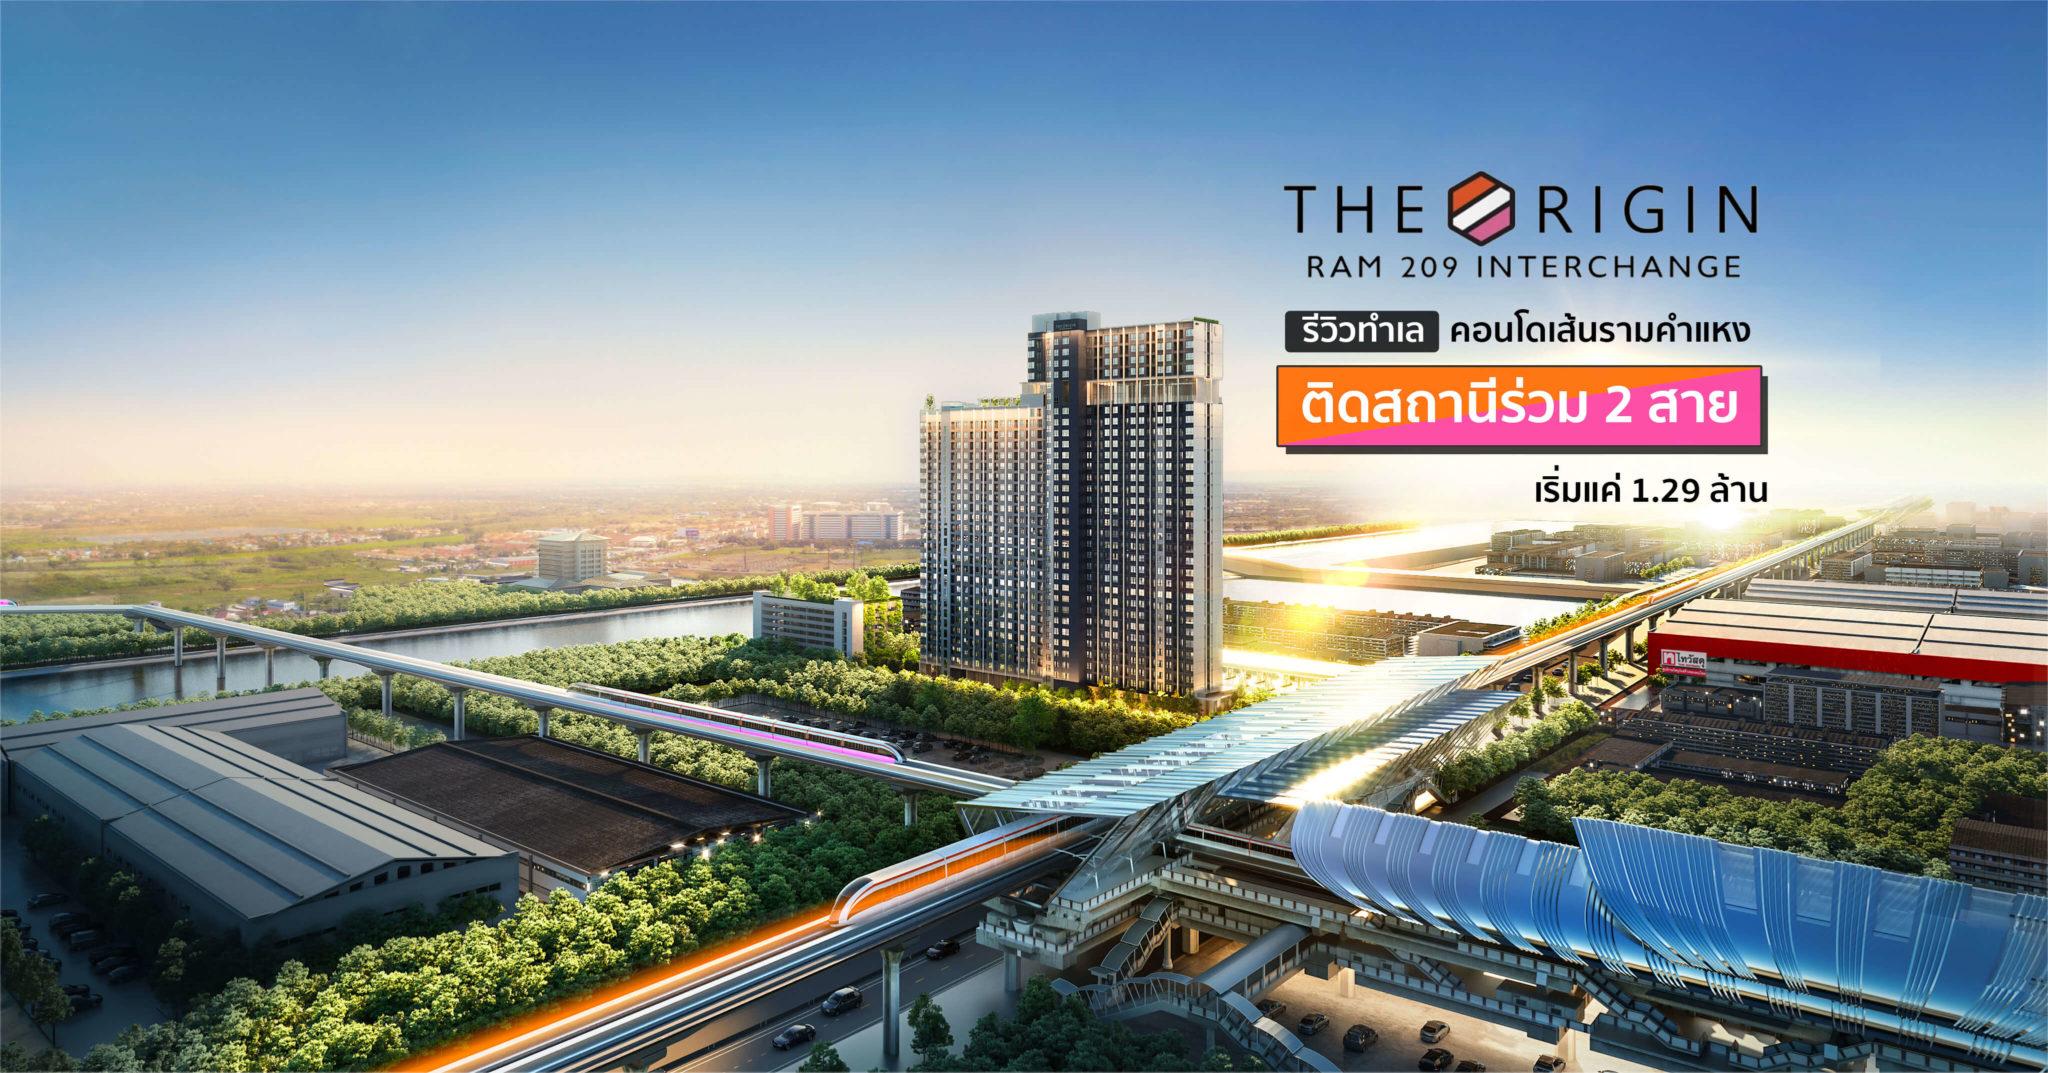 รีวิวทำเล THE ORIGIN RAM 209 INTERCHANGE คอนโดใหม่ย่านรามคำแหง-มีนบุรี ติดสถานีเชื่อมรถไฟฟ้า 2 สาย ส้ม-ชมพู เริ่ม 1.29 ล้าน 13 - Origin Property